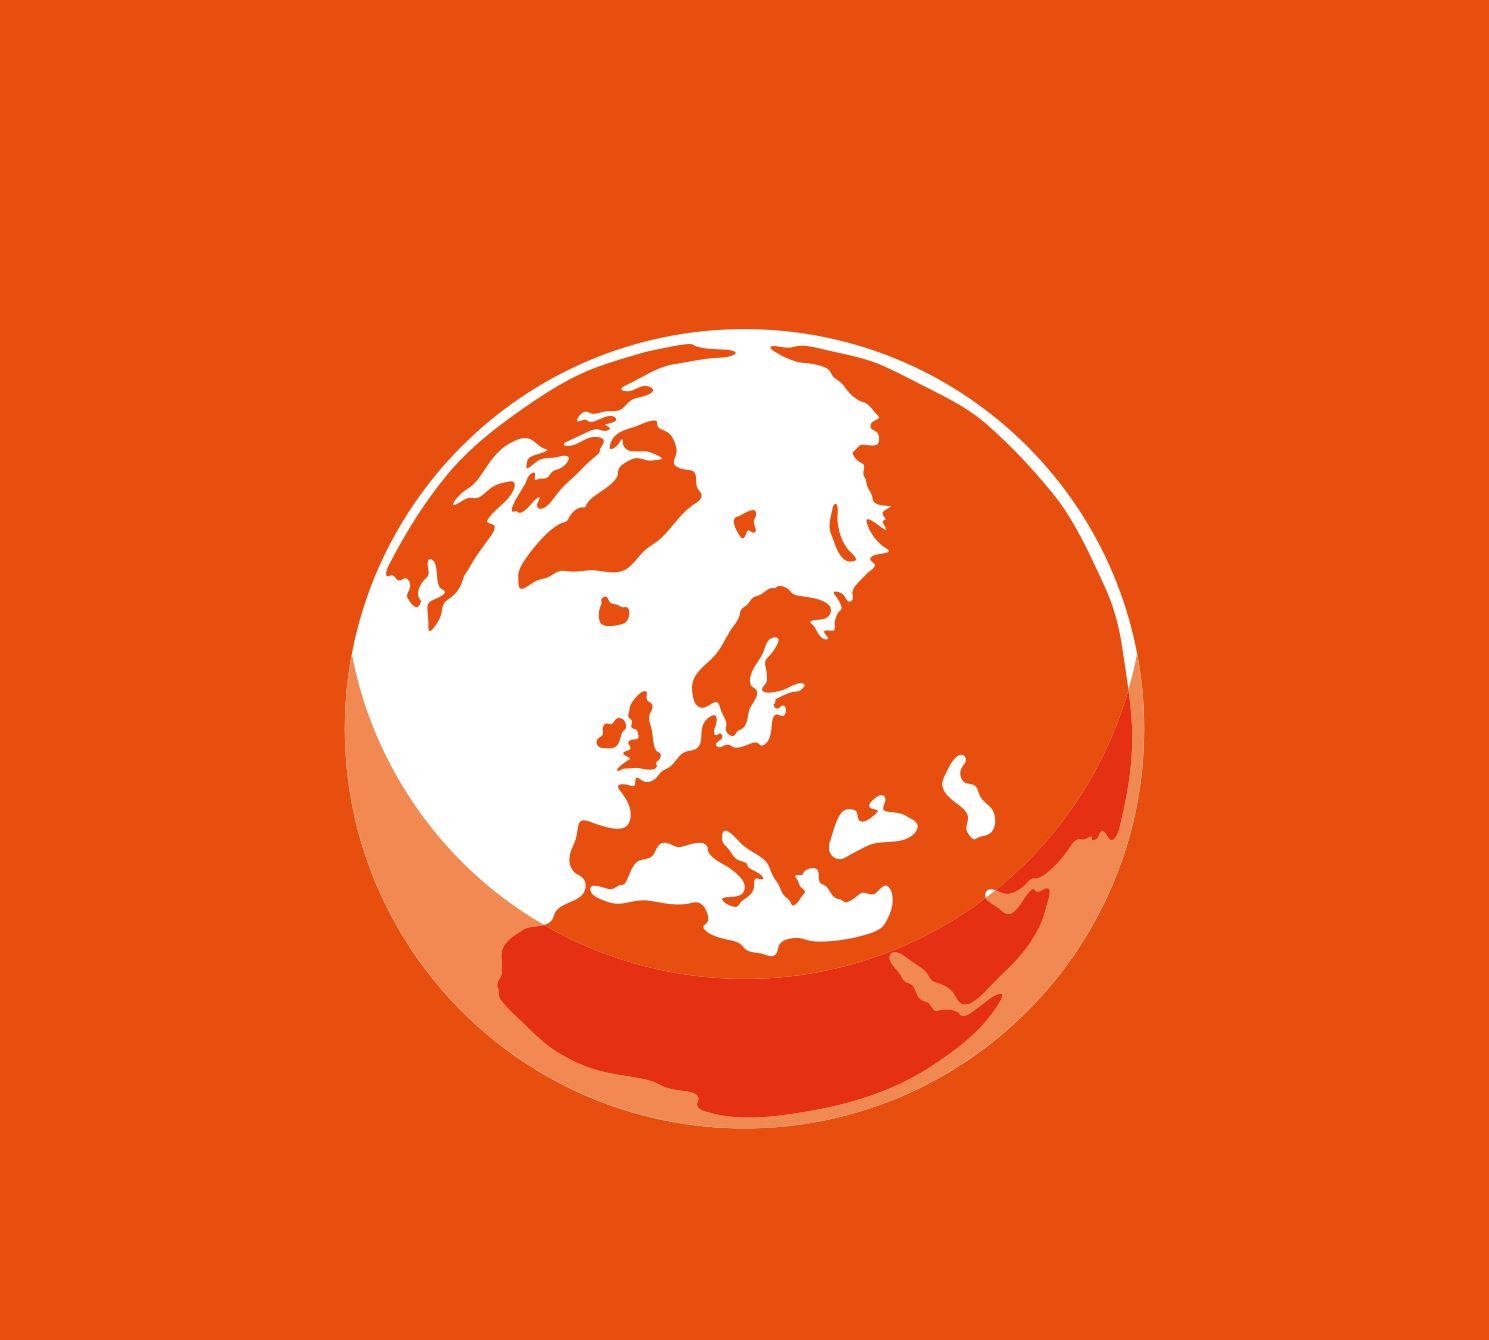 Konferens: Fossilbränslefritt Växjö 2030